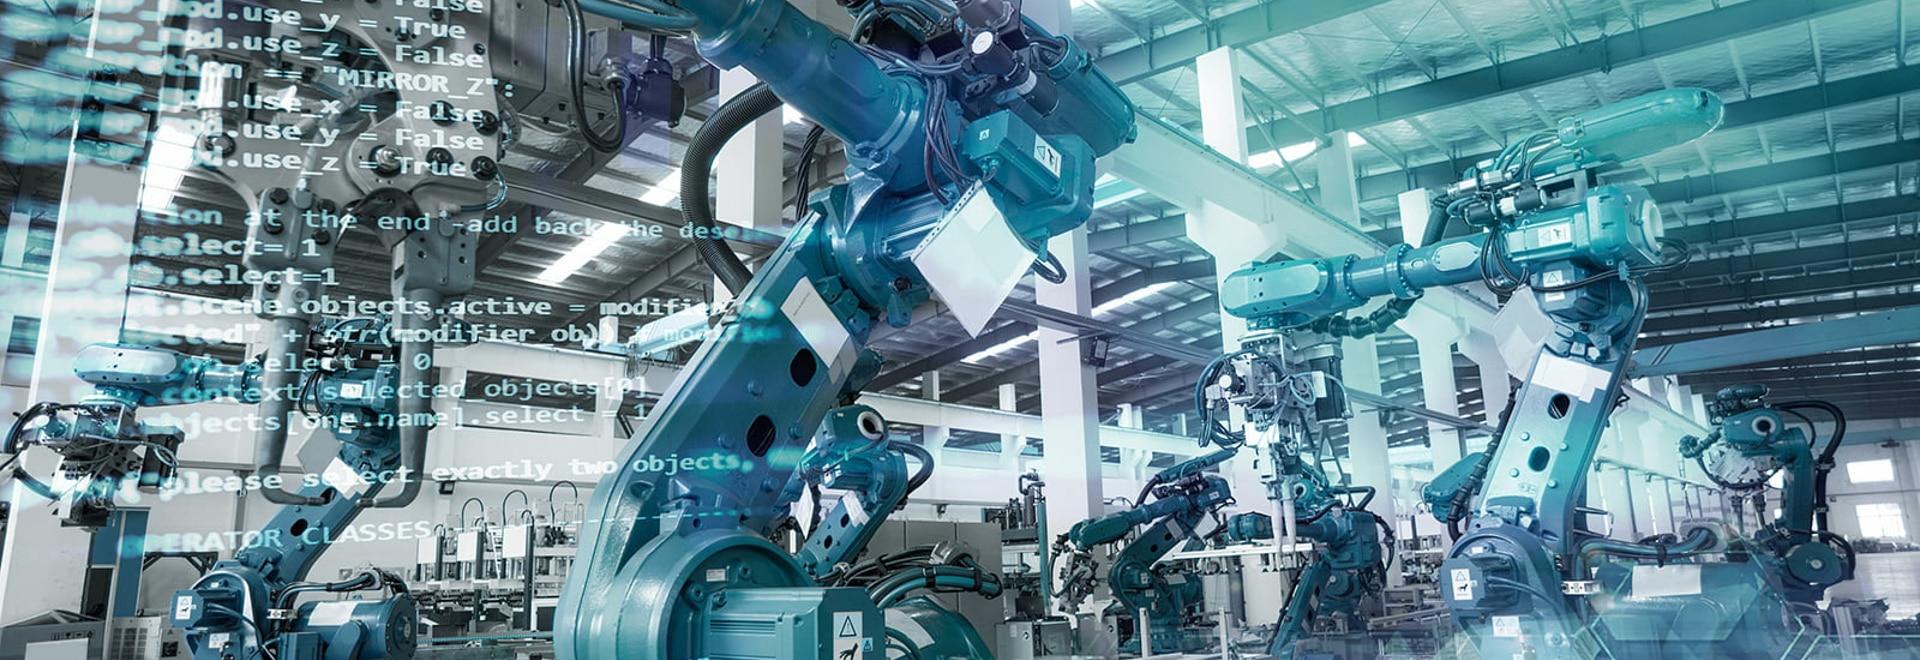 Automatisation : L'avenir de la fabrication de dispositifs médicaux